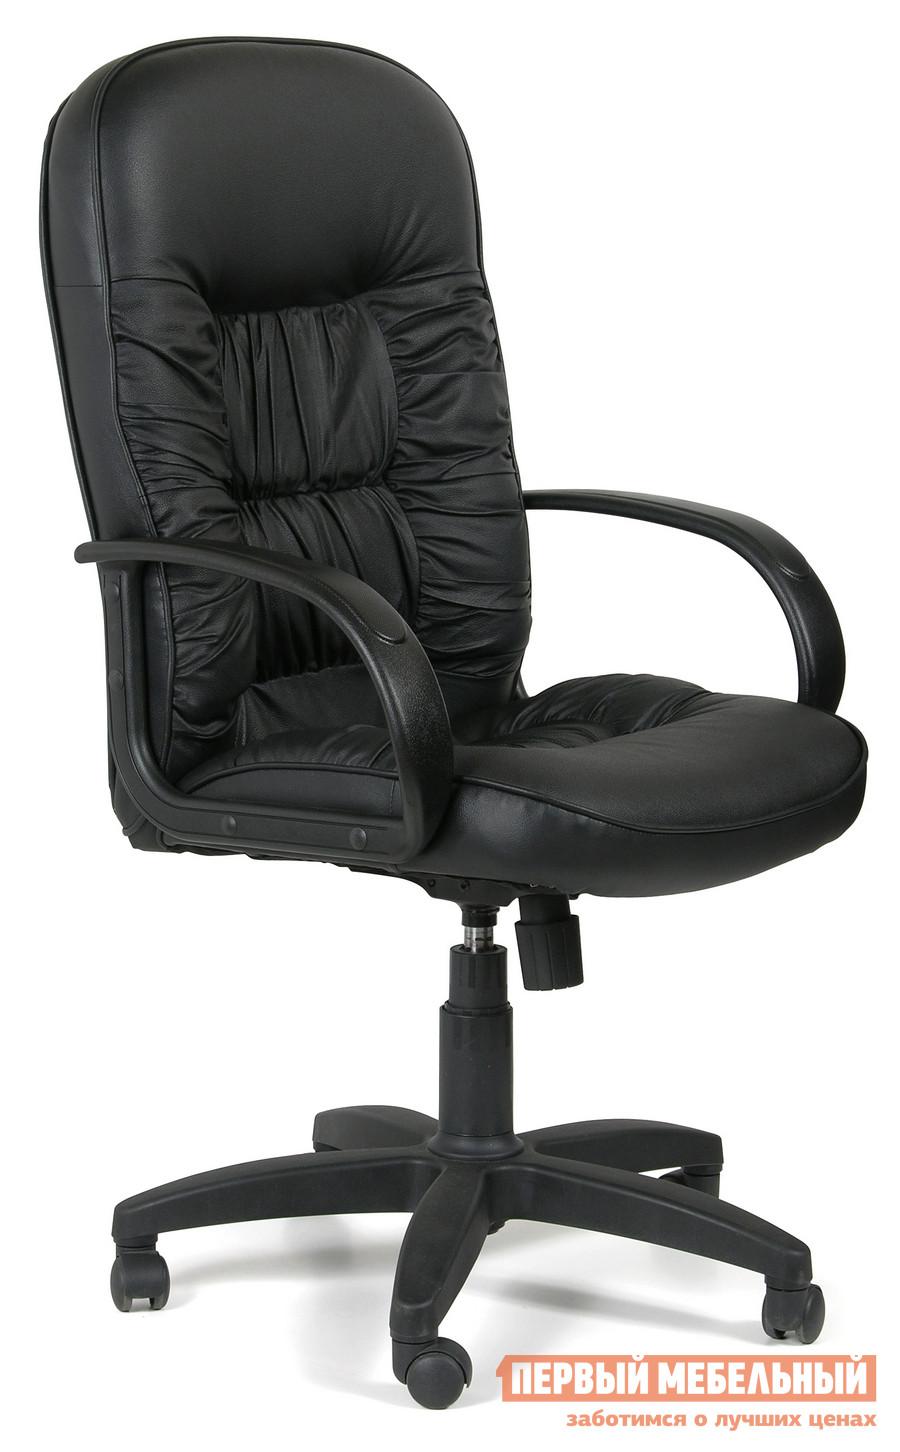 Кресло руководителя Chairman CH 416 Эко-кожа черная матовая